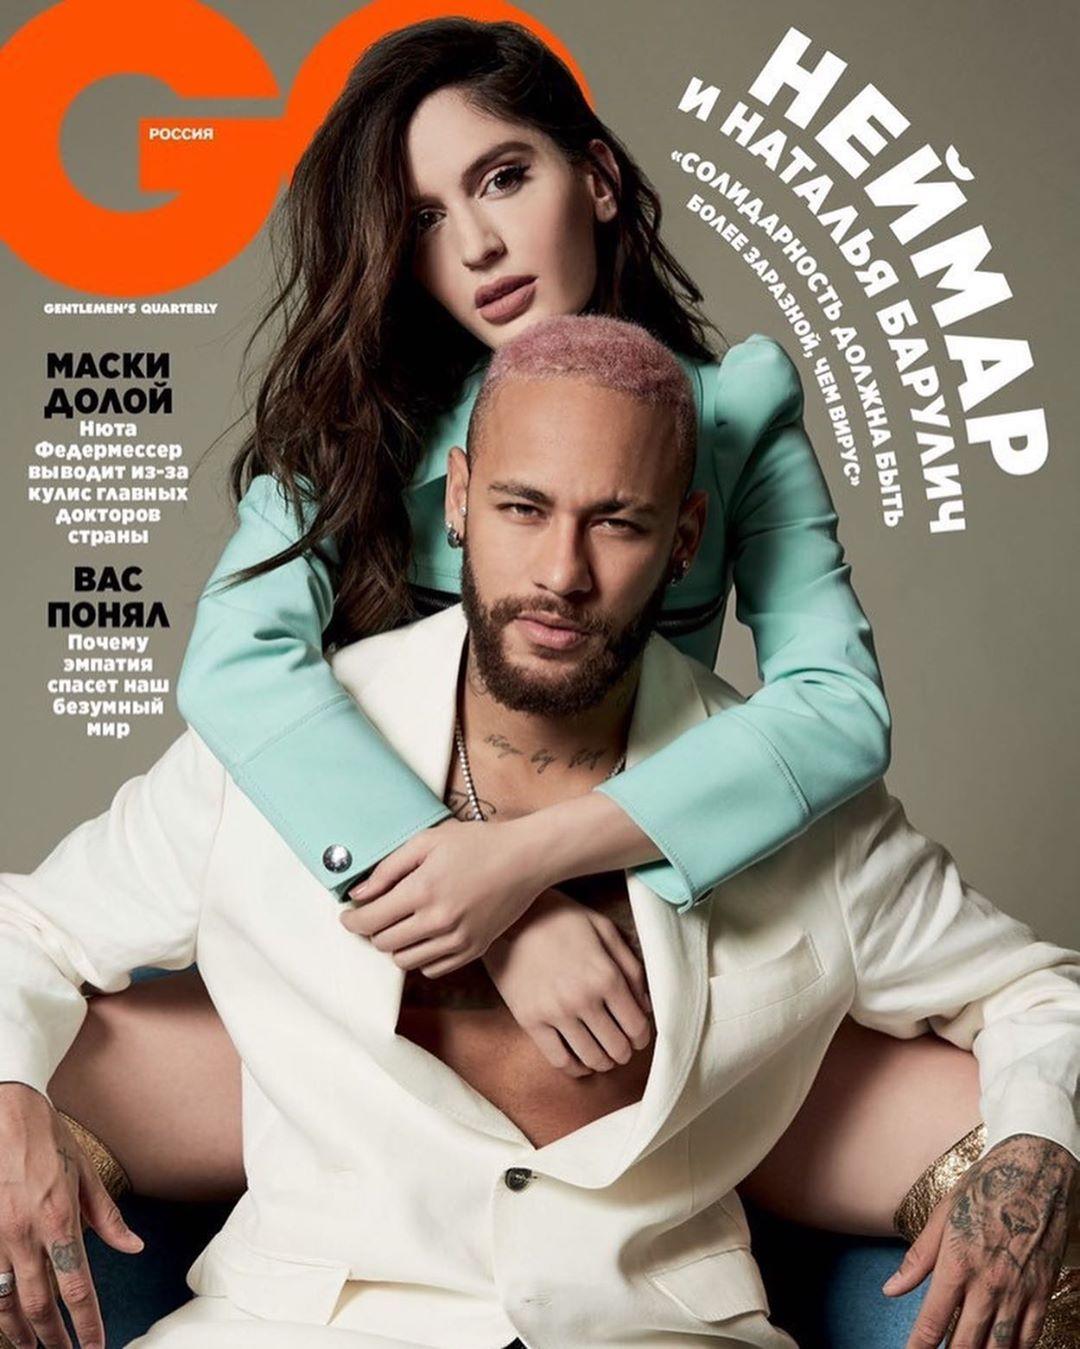 neymar-sous-le-charme-d-une-jolie-candidate-de-tele-realite-ce-geste-qui-en-dit-long